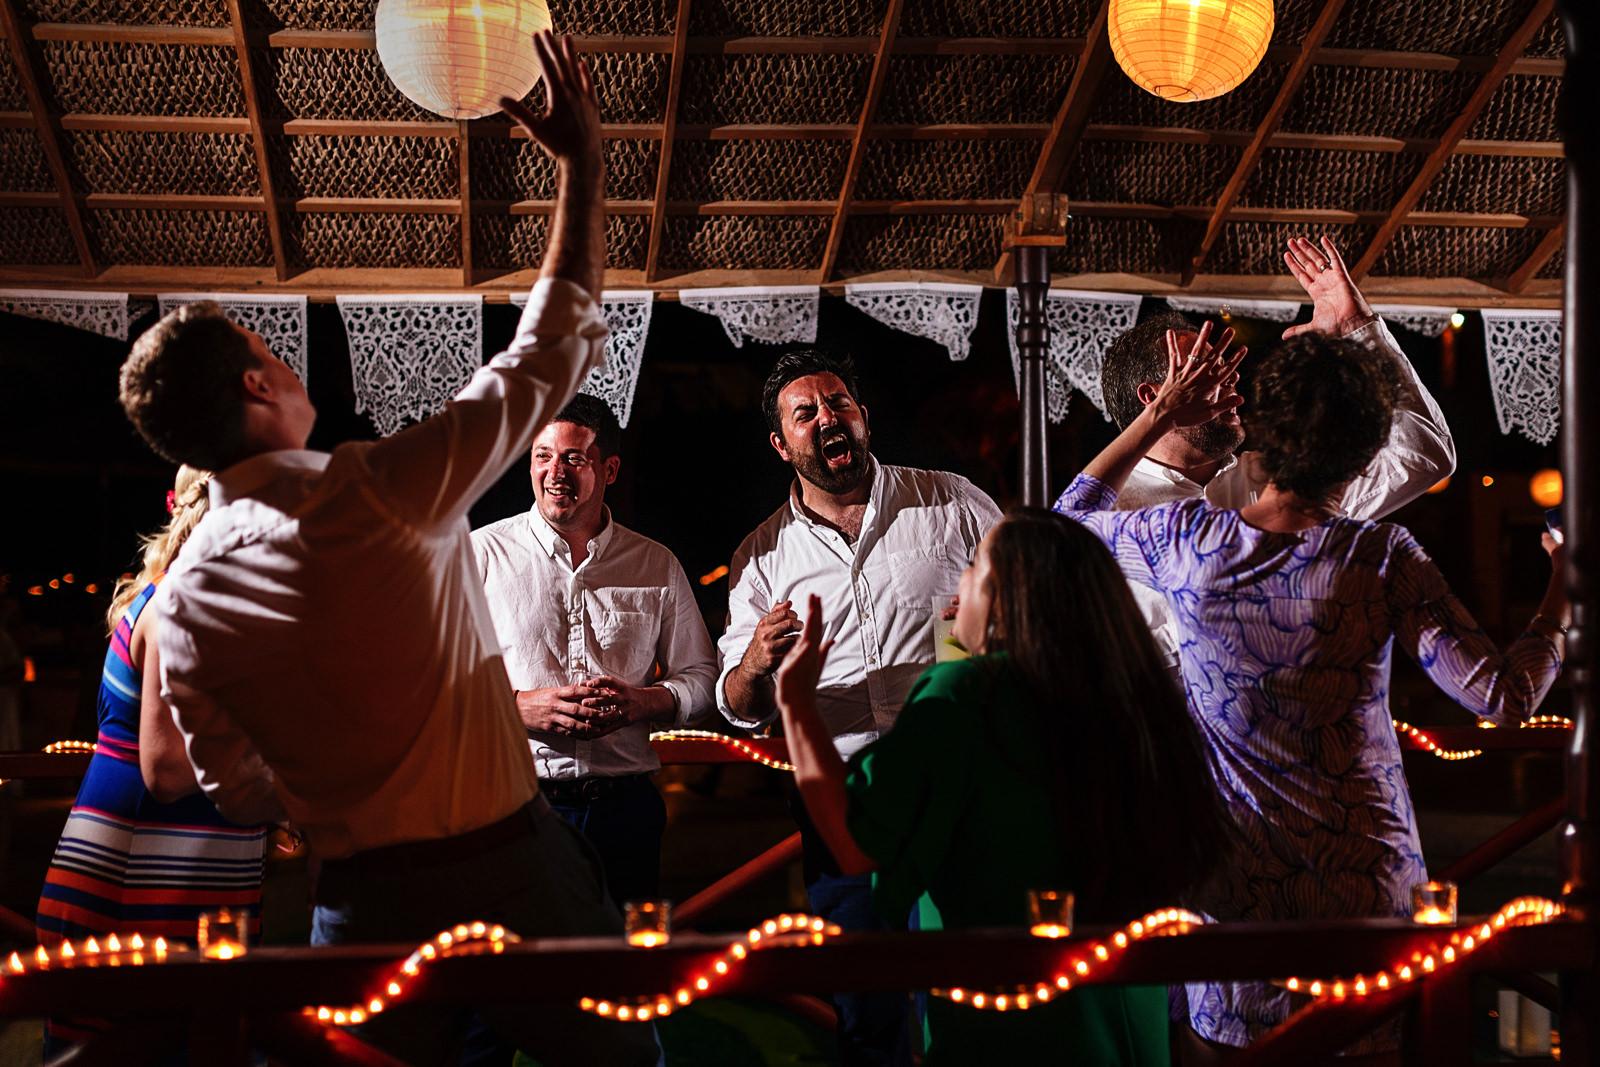 guests-sing-dance-enjoy-dancefloor